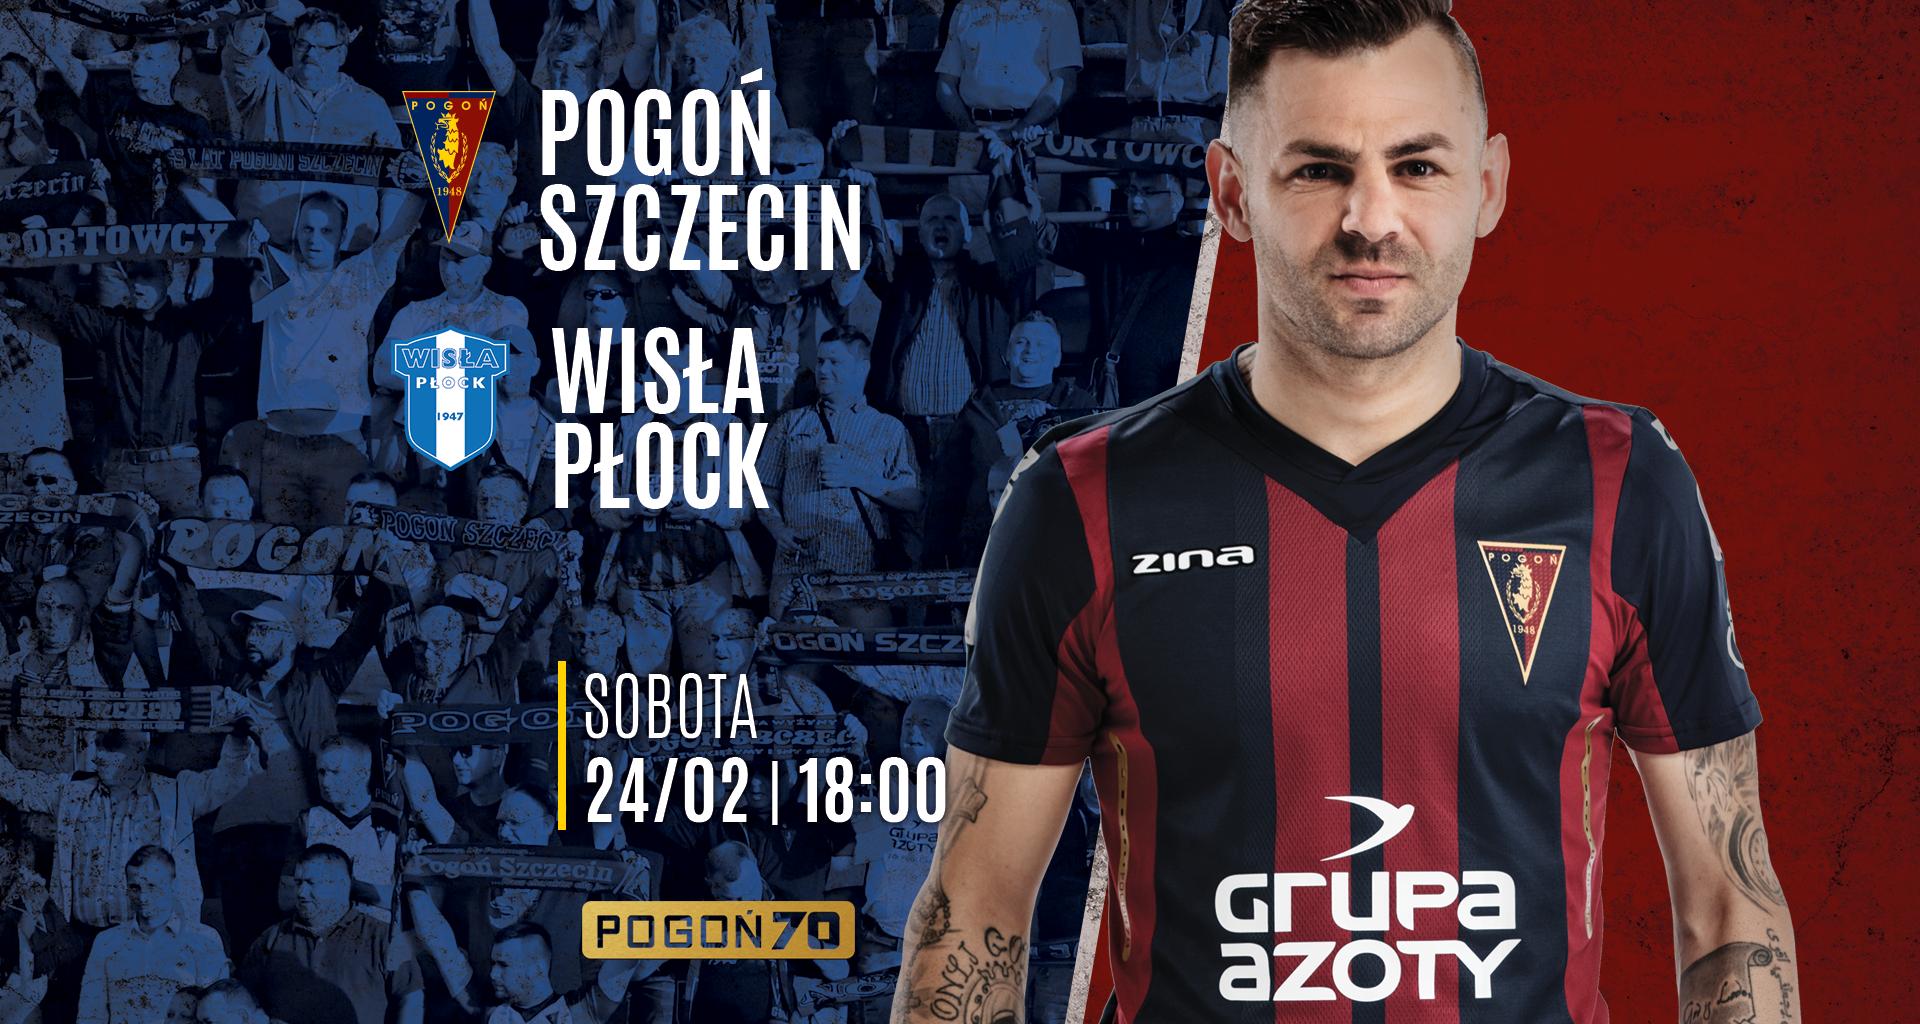 Pogoń Szczecin - Wisła Płock